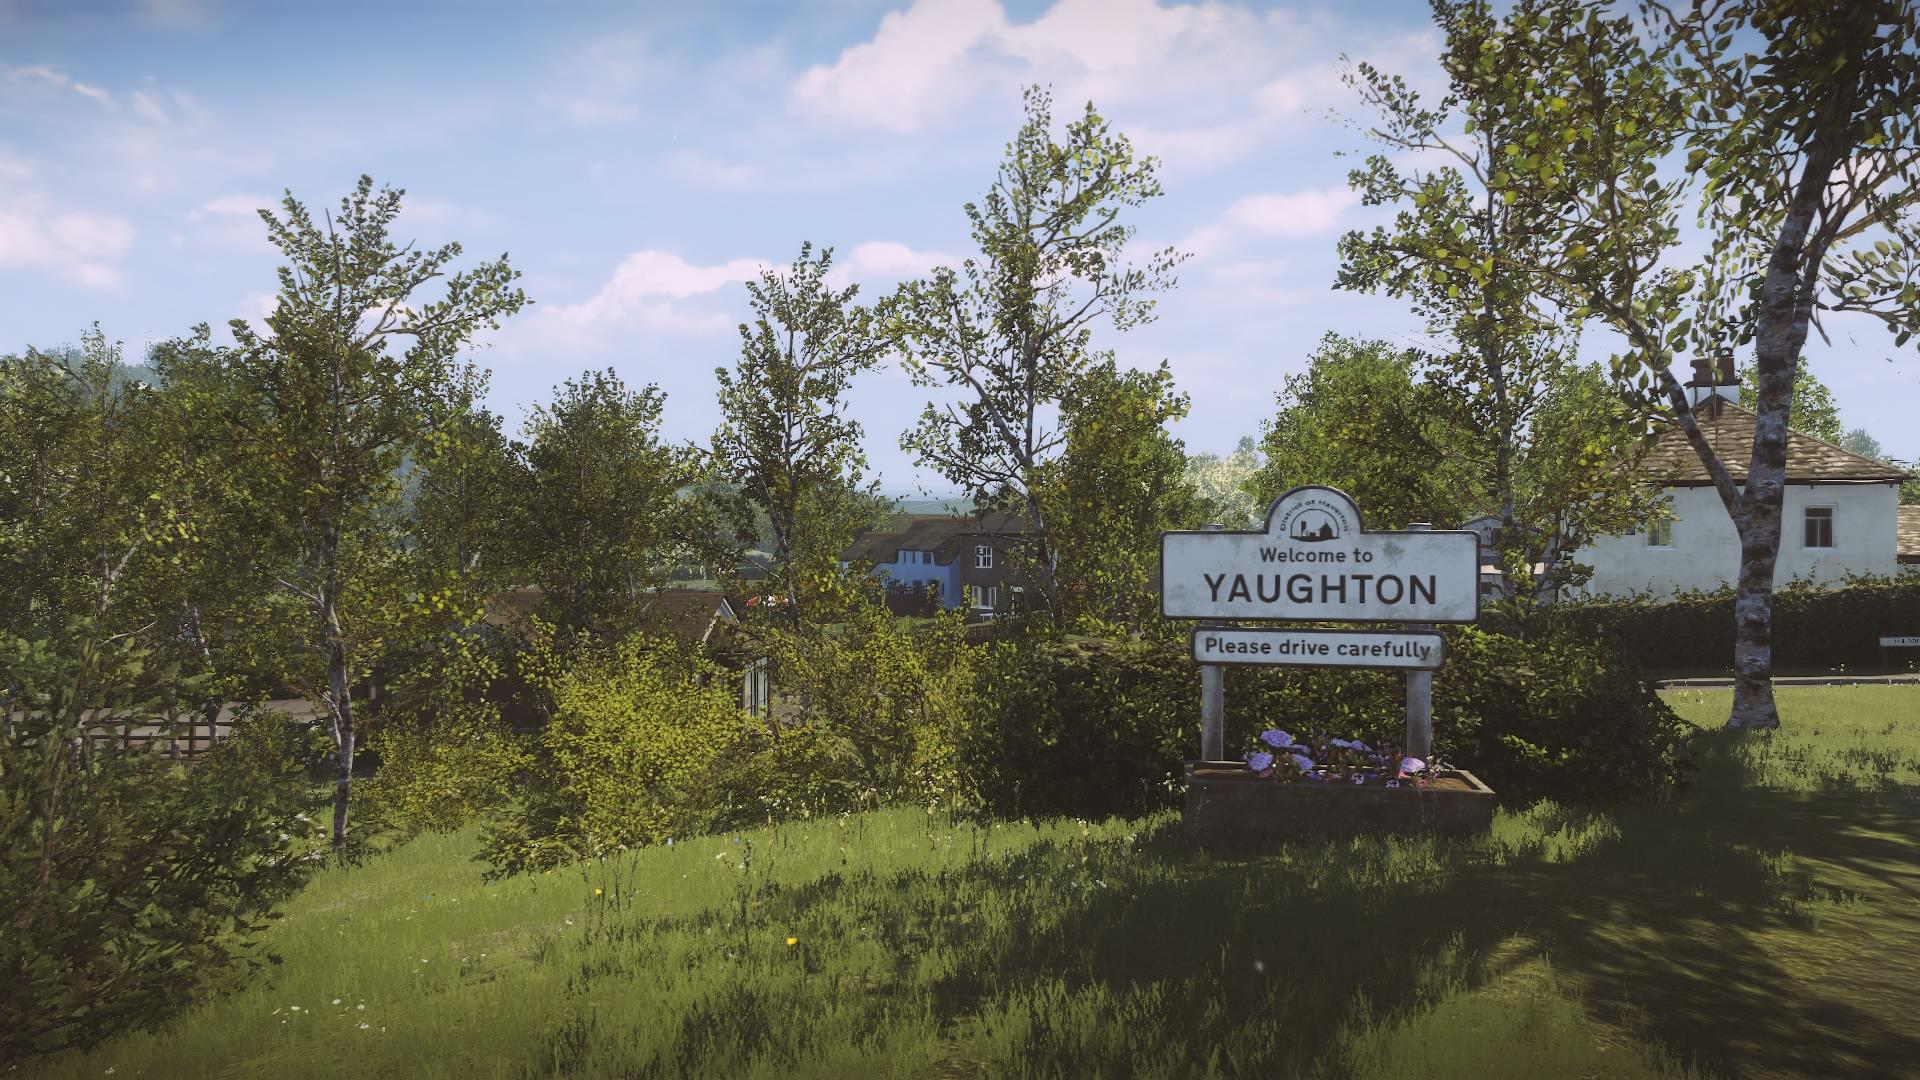 In Yaughton beginnt unsere Schleichmission.